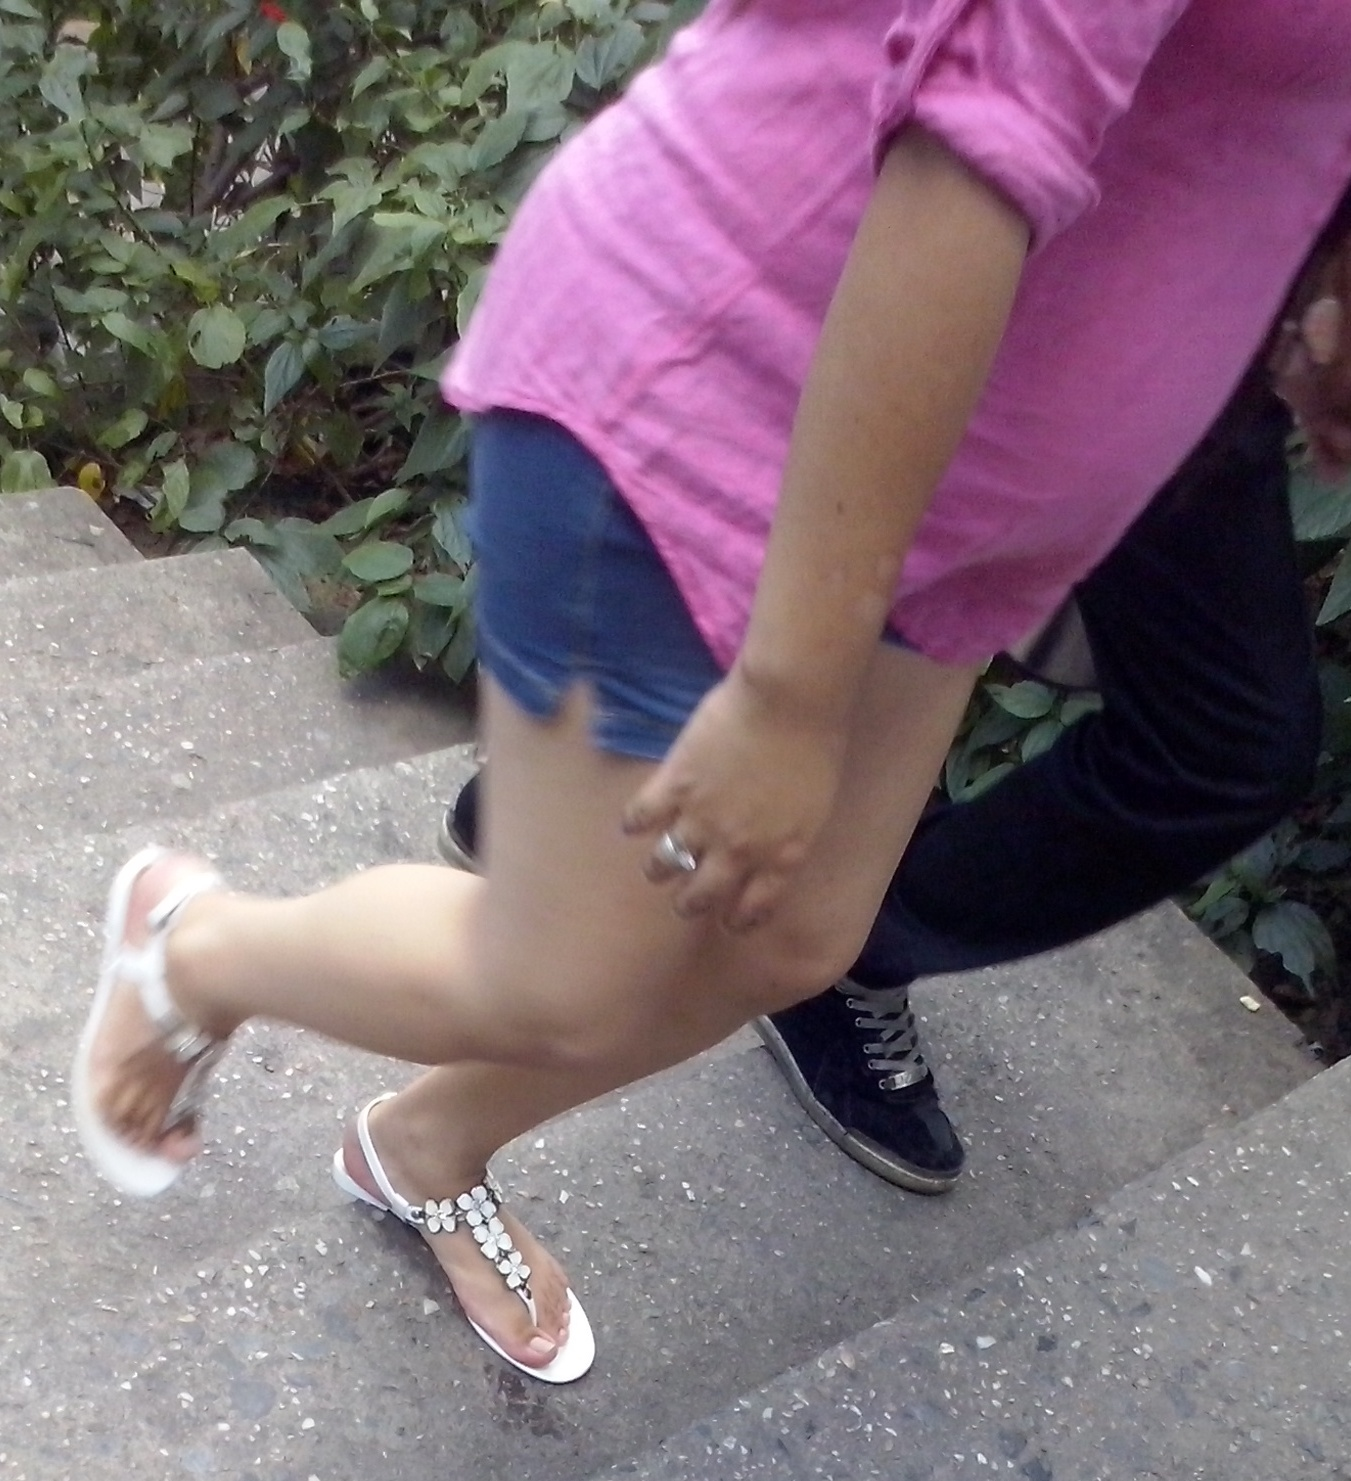 rico feet